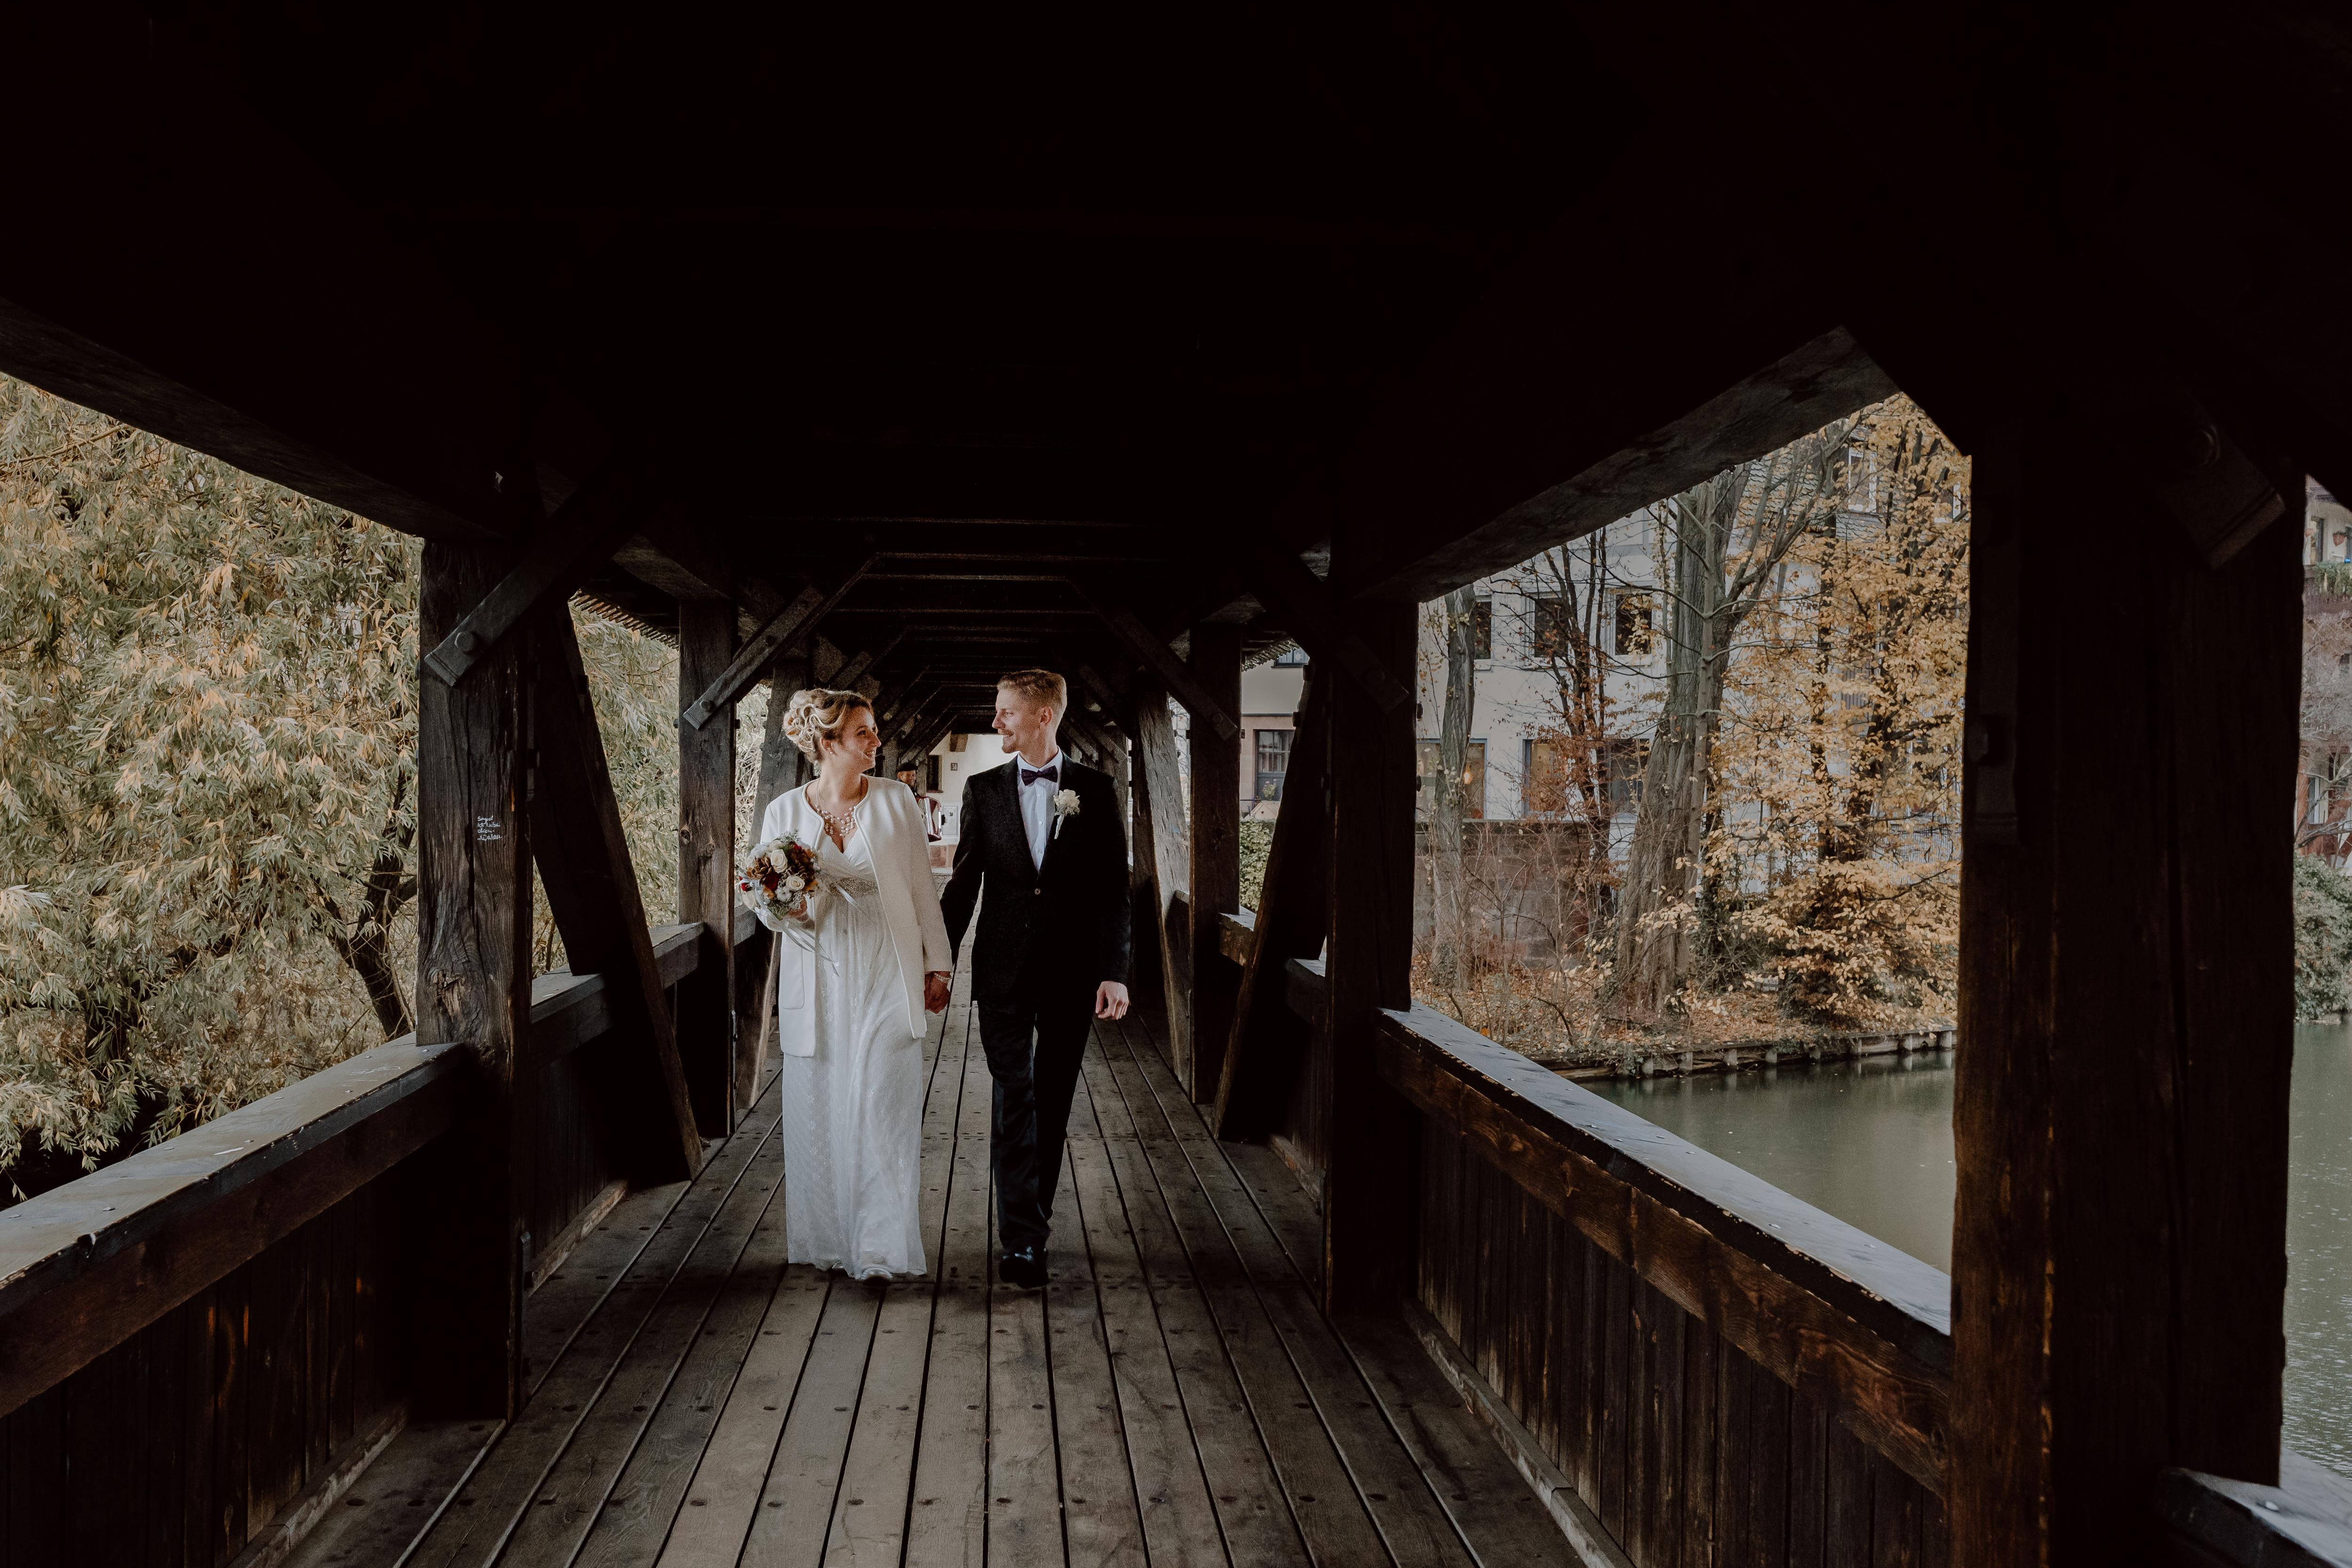 URBANERIE_Daniela_Goth_Hochzeitsfotografin_Nürnberg_Fürth_Erlangen_Schwabach_171110_0530